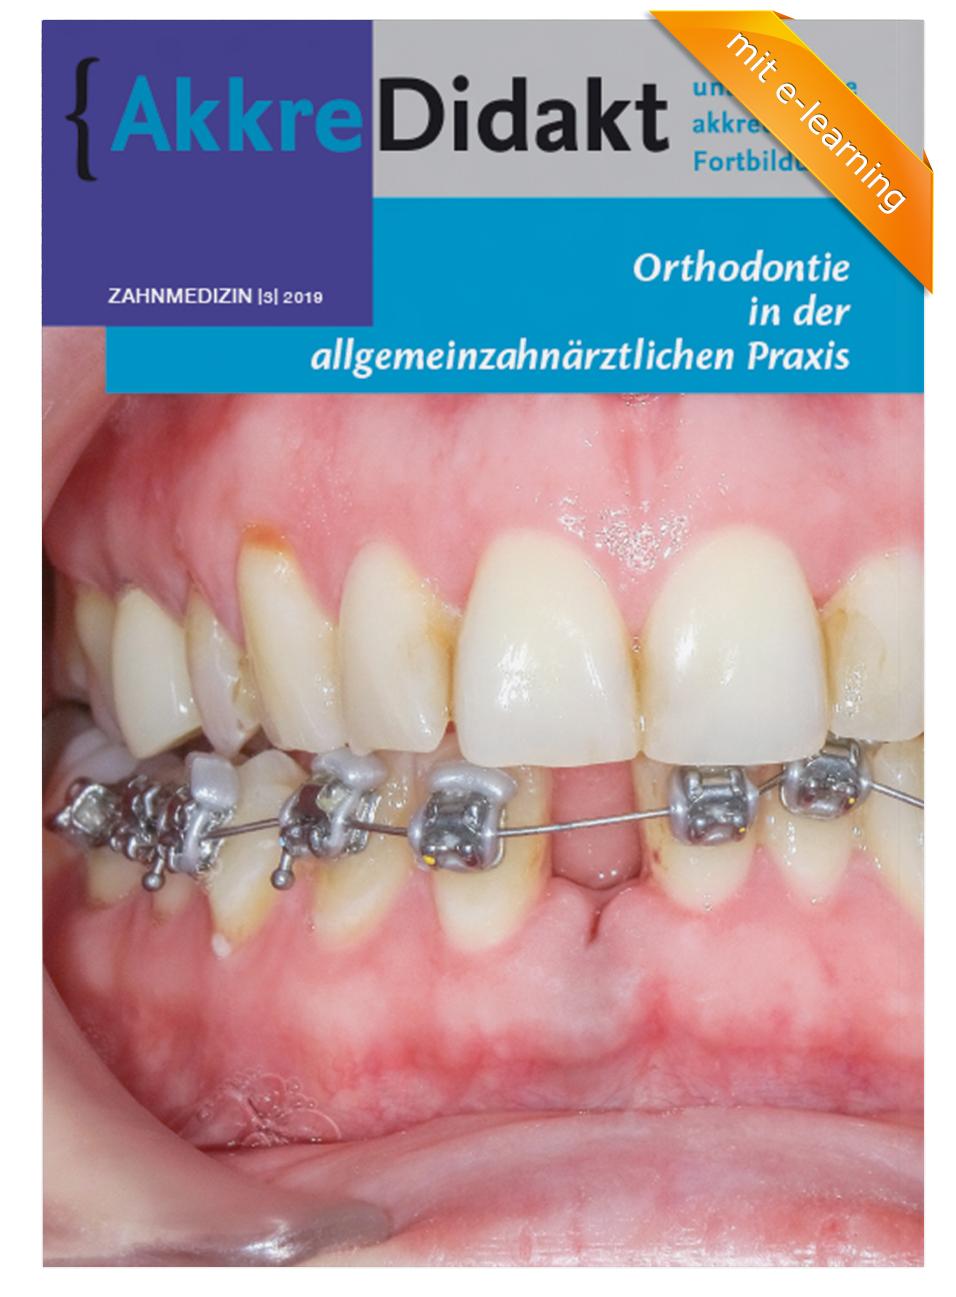 Orthodontie in der allgemeinzahnärztlichen Praxis